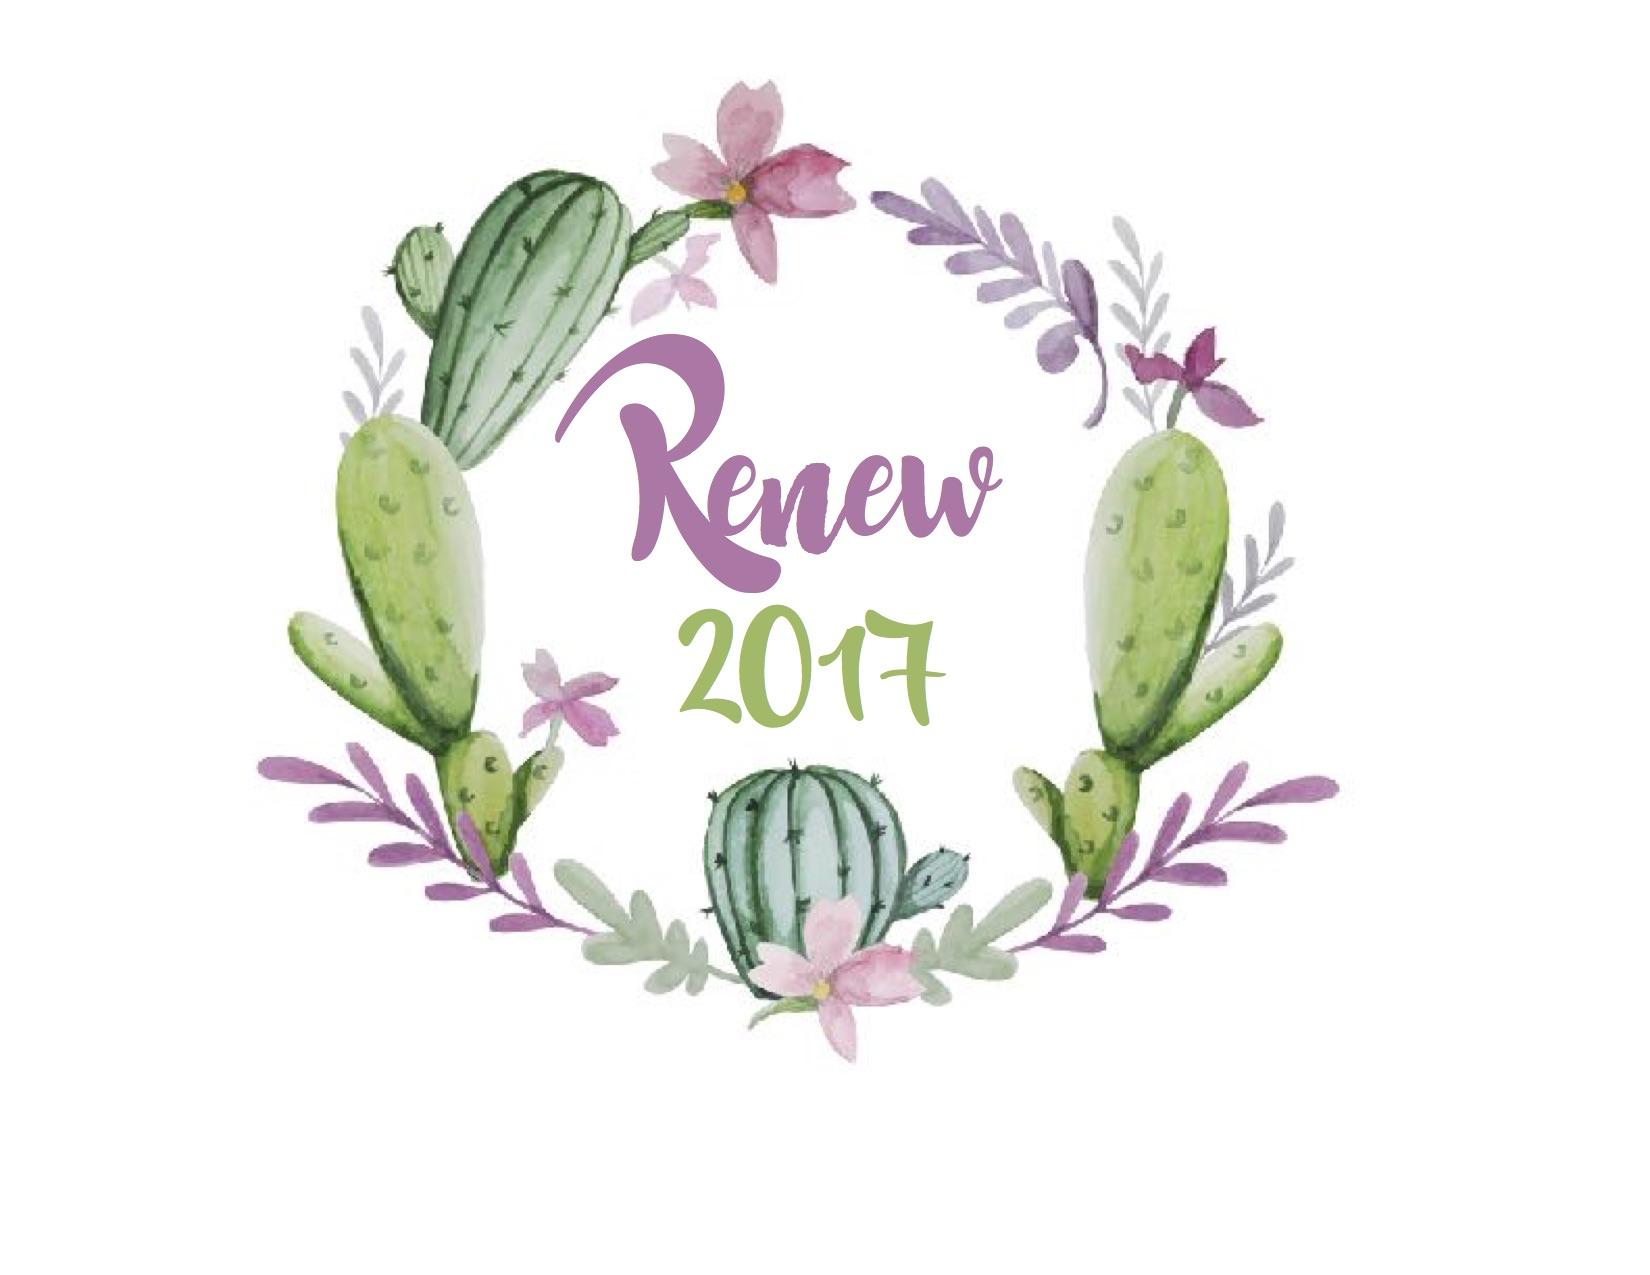 Renew 2017